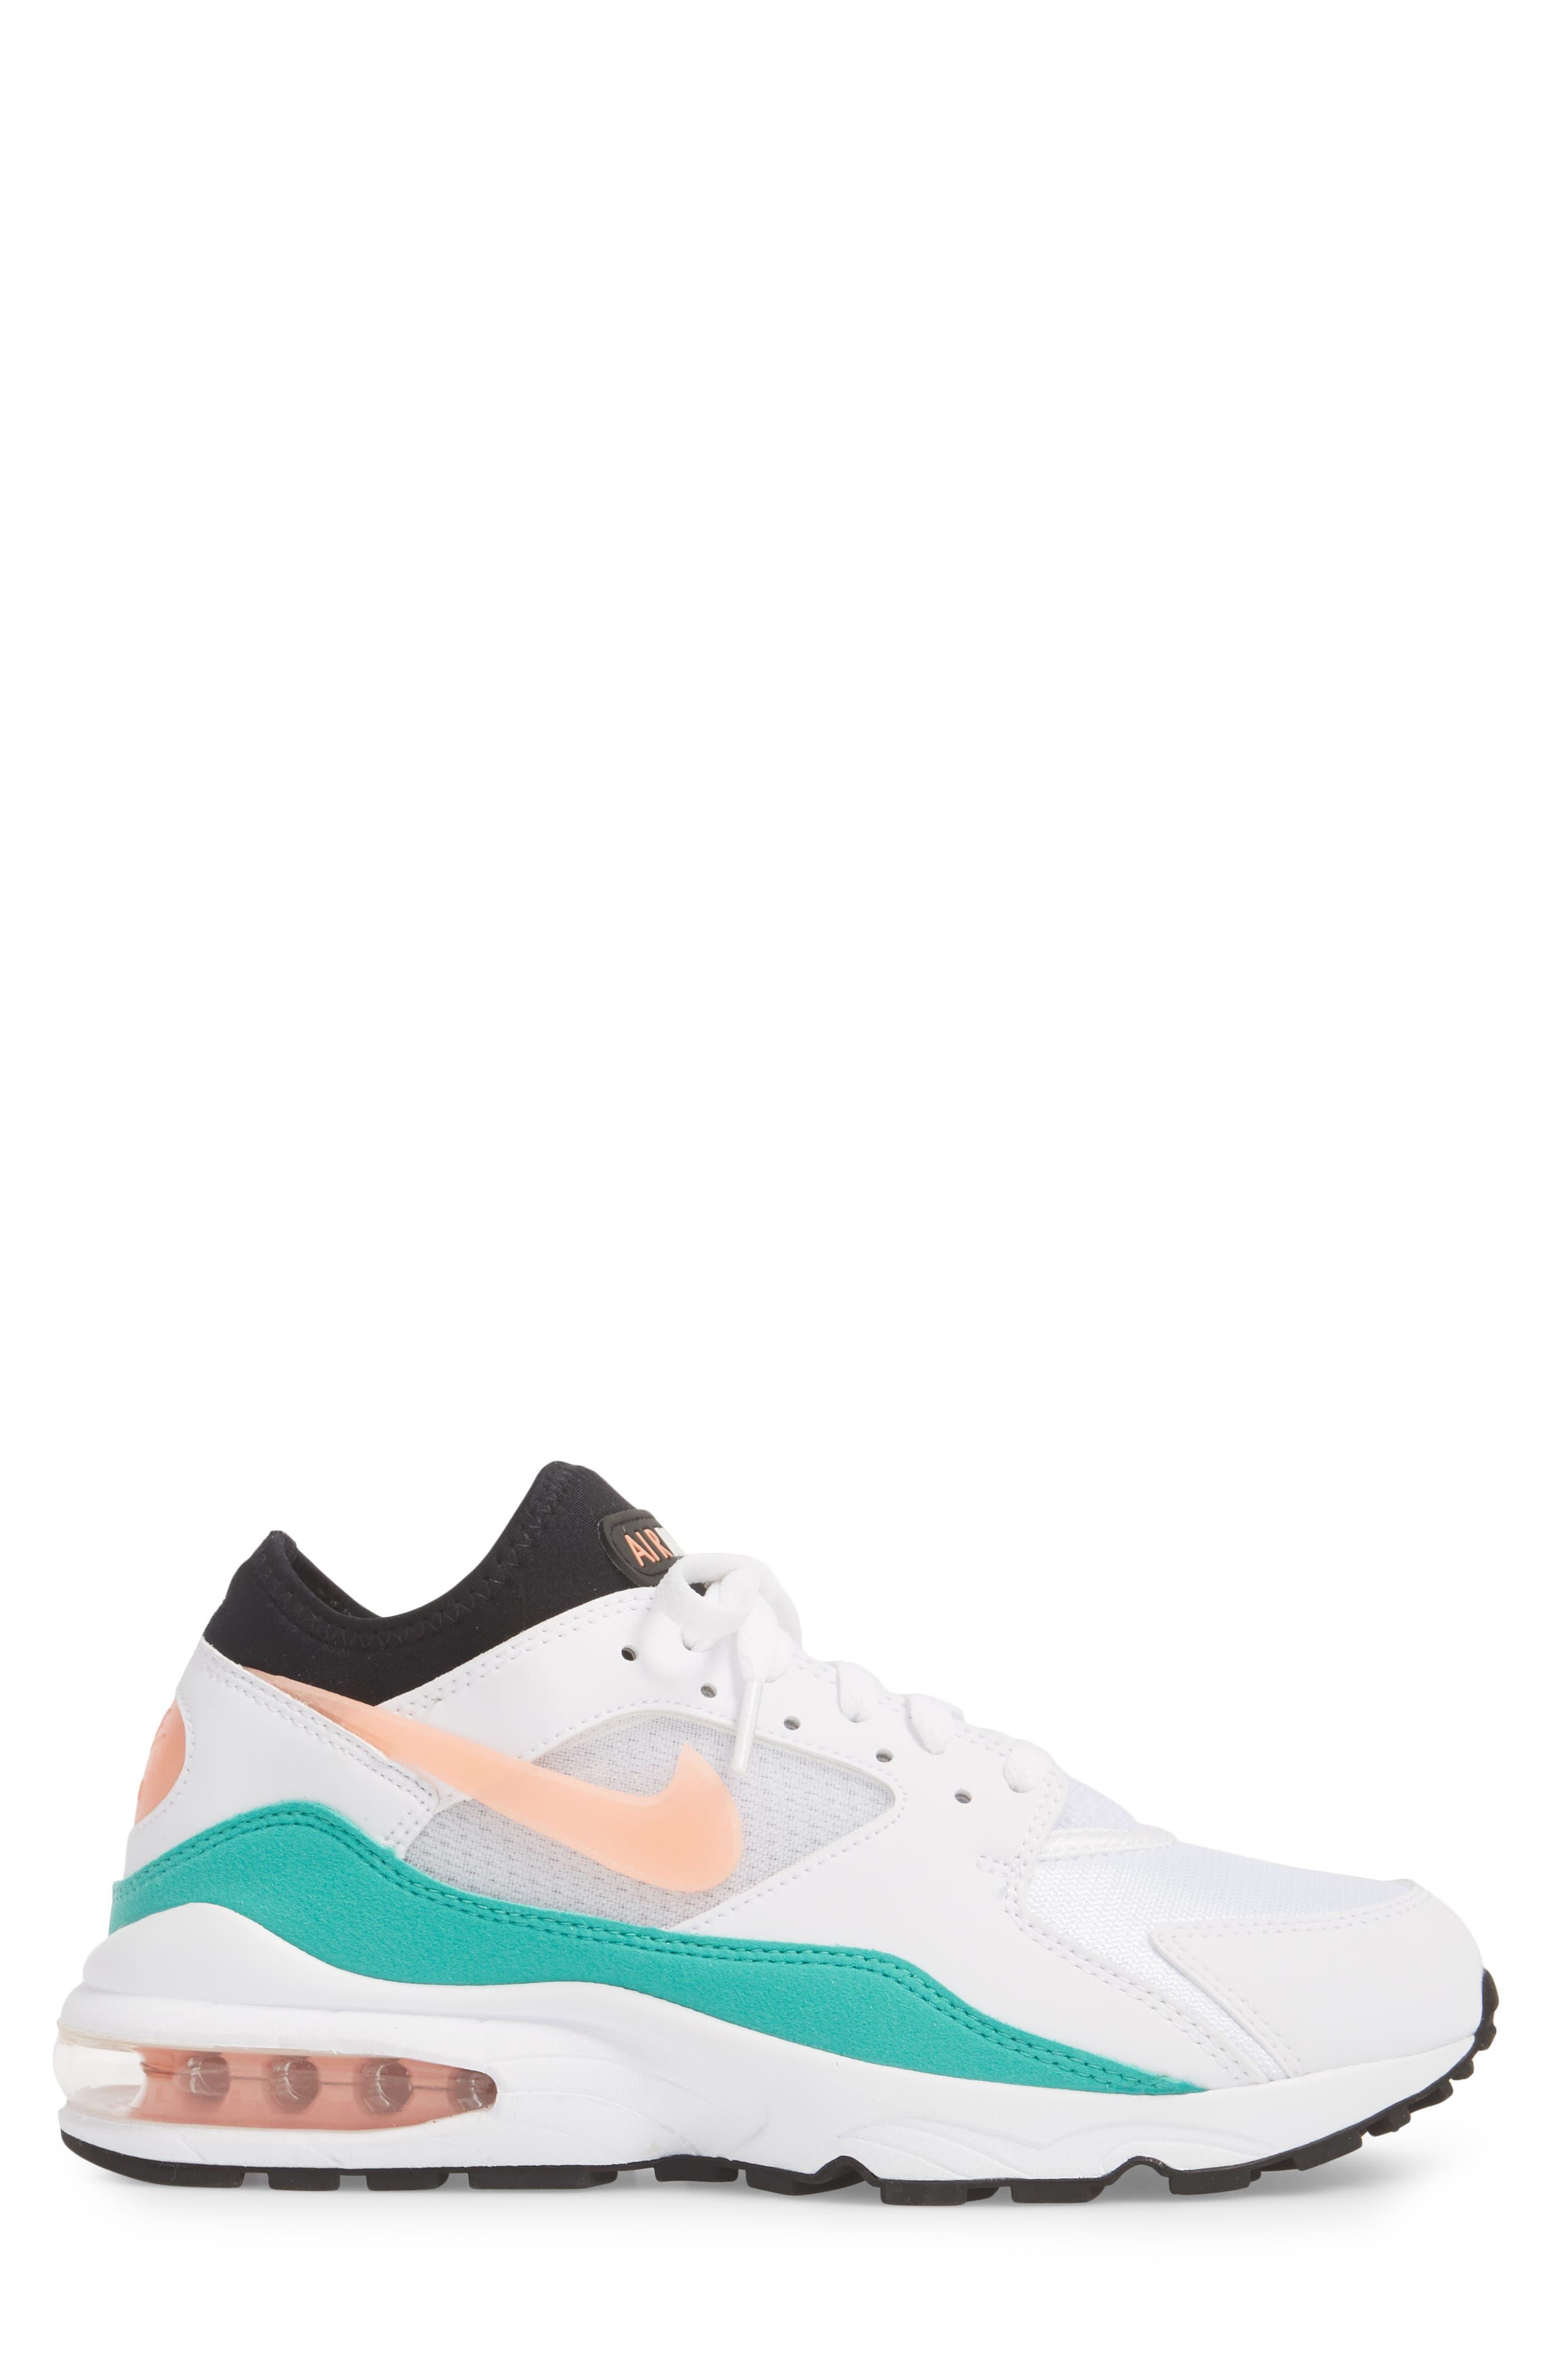 Air Max 93 Sneaker,                             Alternate thumbnail 3, color,                             WHITE/ CRIMSON BLISS